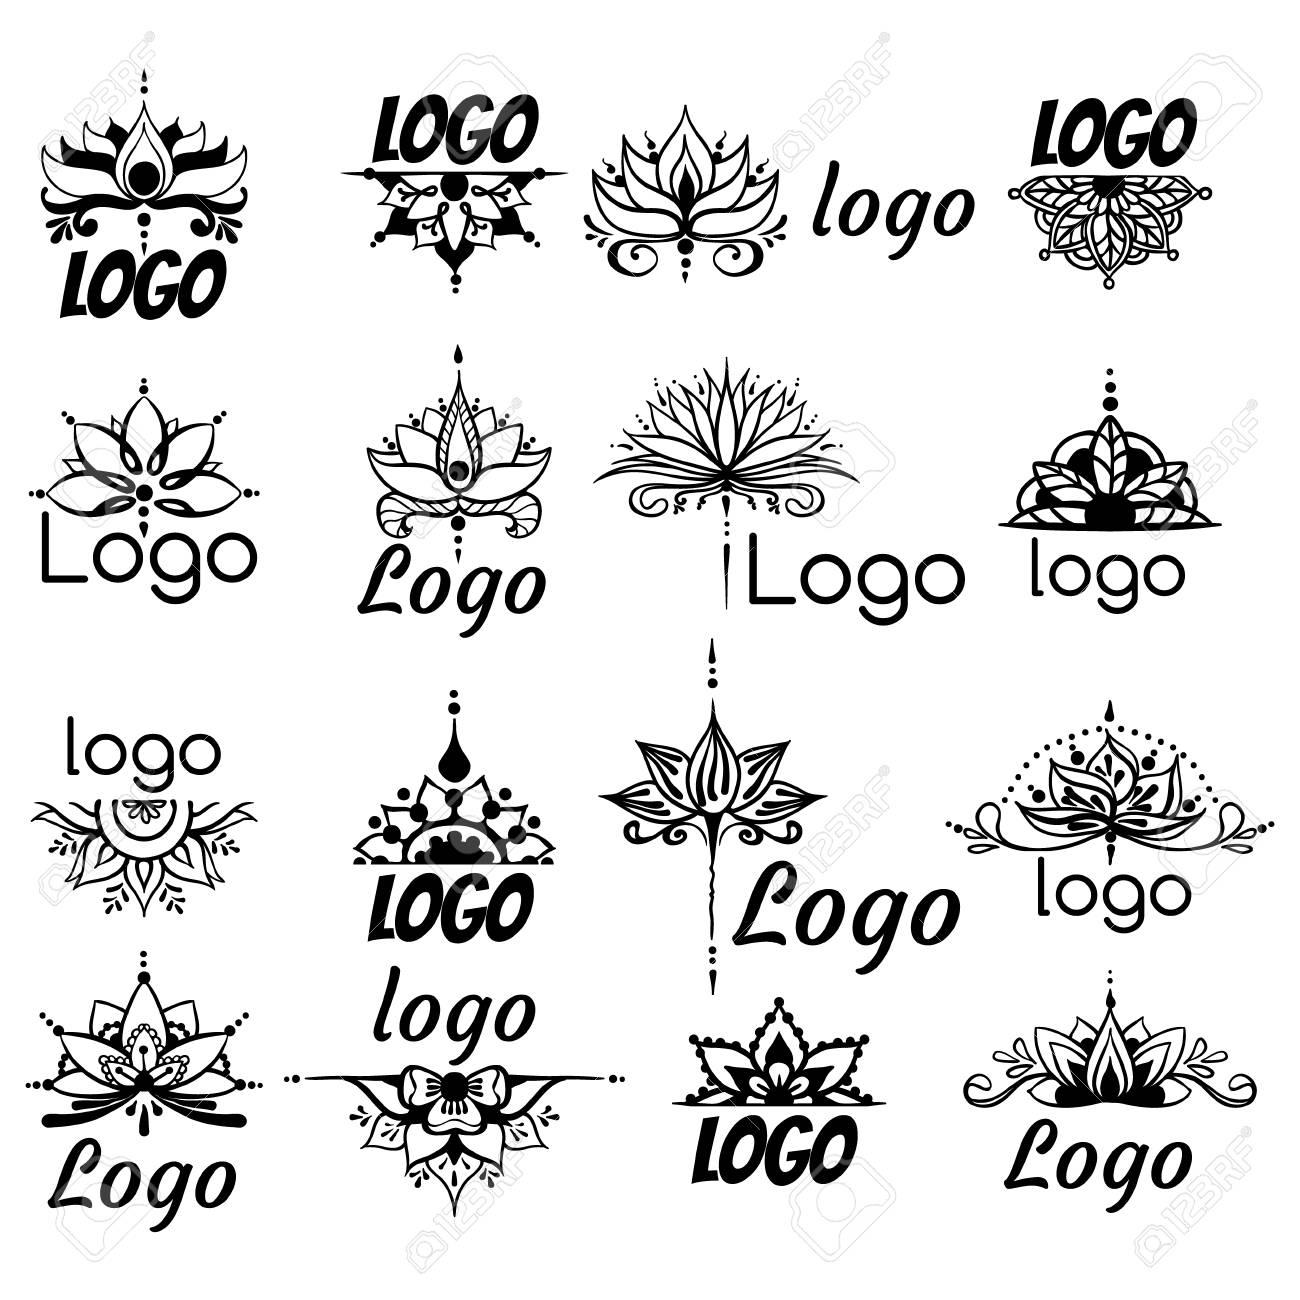 Seize Dessins A Main Levee De Logos Avec Des Fleurs De Lotus Dans Le